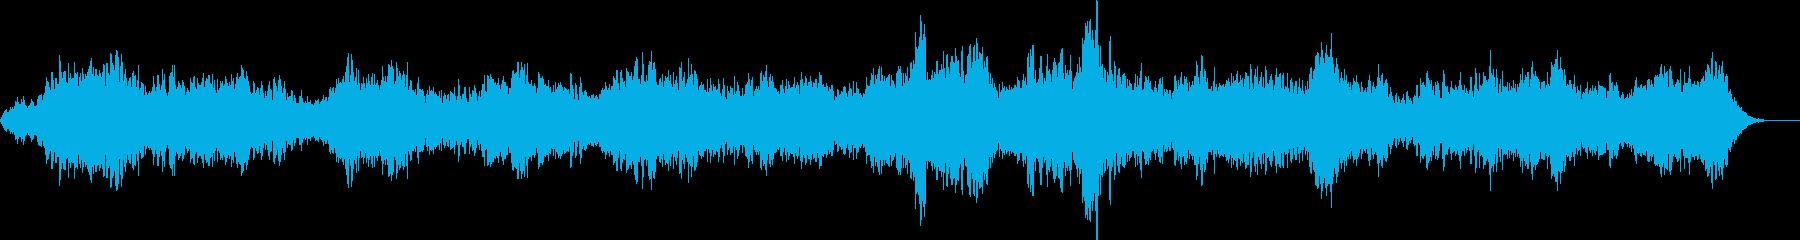 怪しい呼び声のようなホラー曲の再生済みの波形